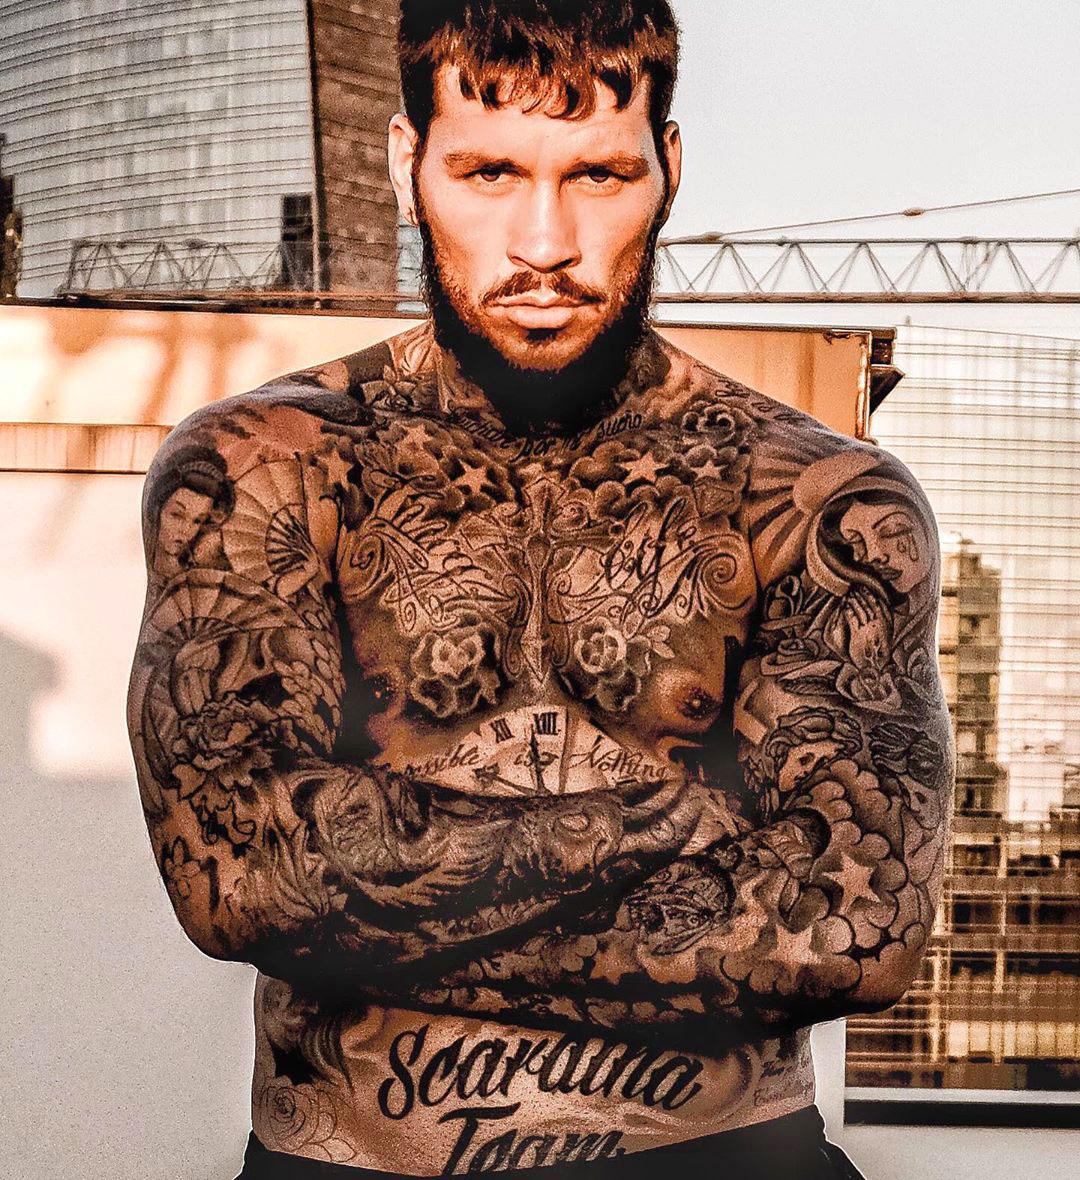 Daniele Scardina tatuaggi